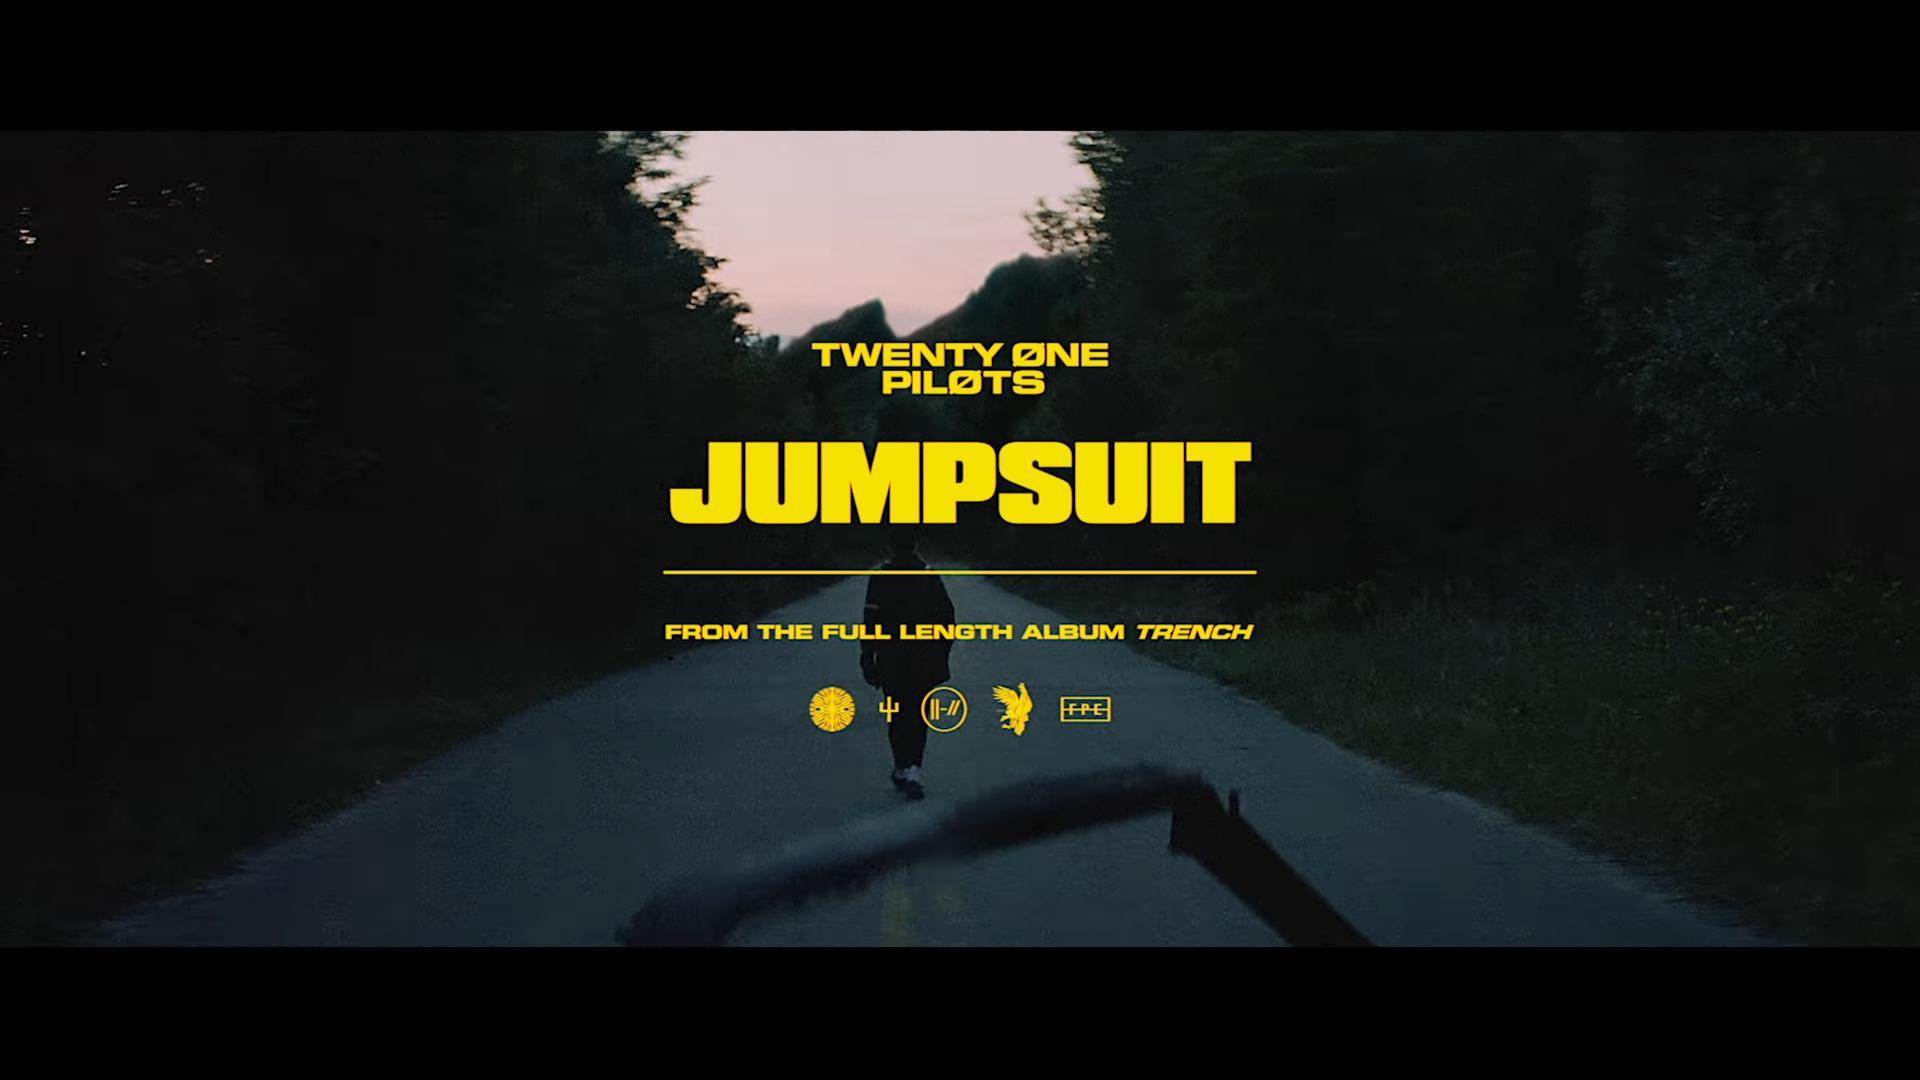 Twenty One Pilots Jumpsuit Video 2018